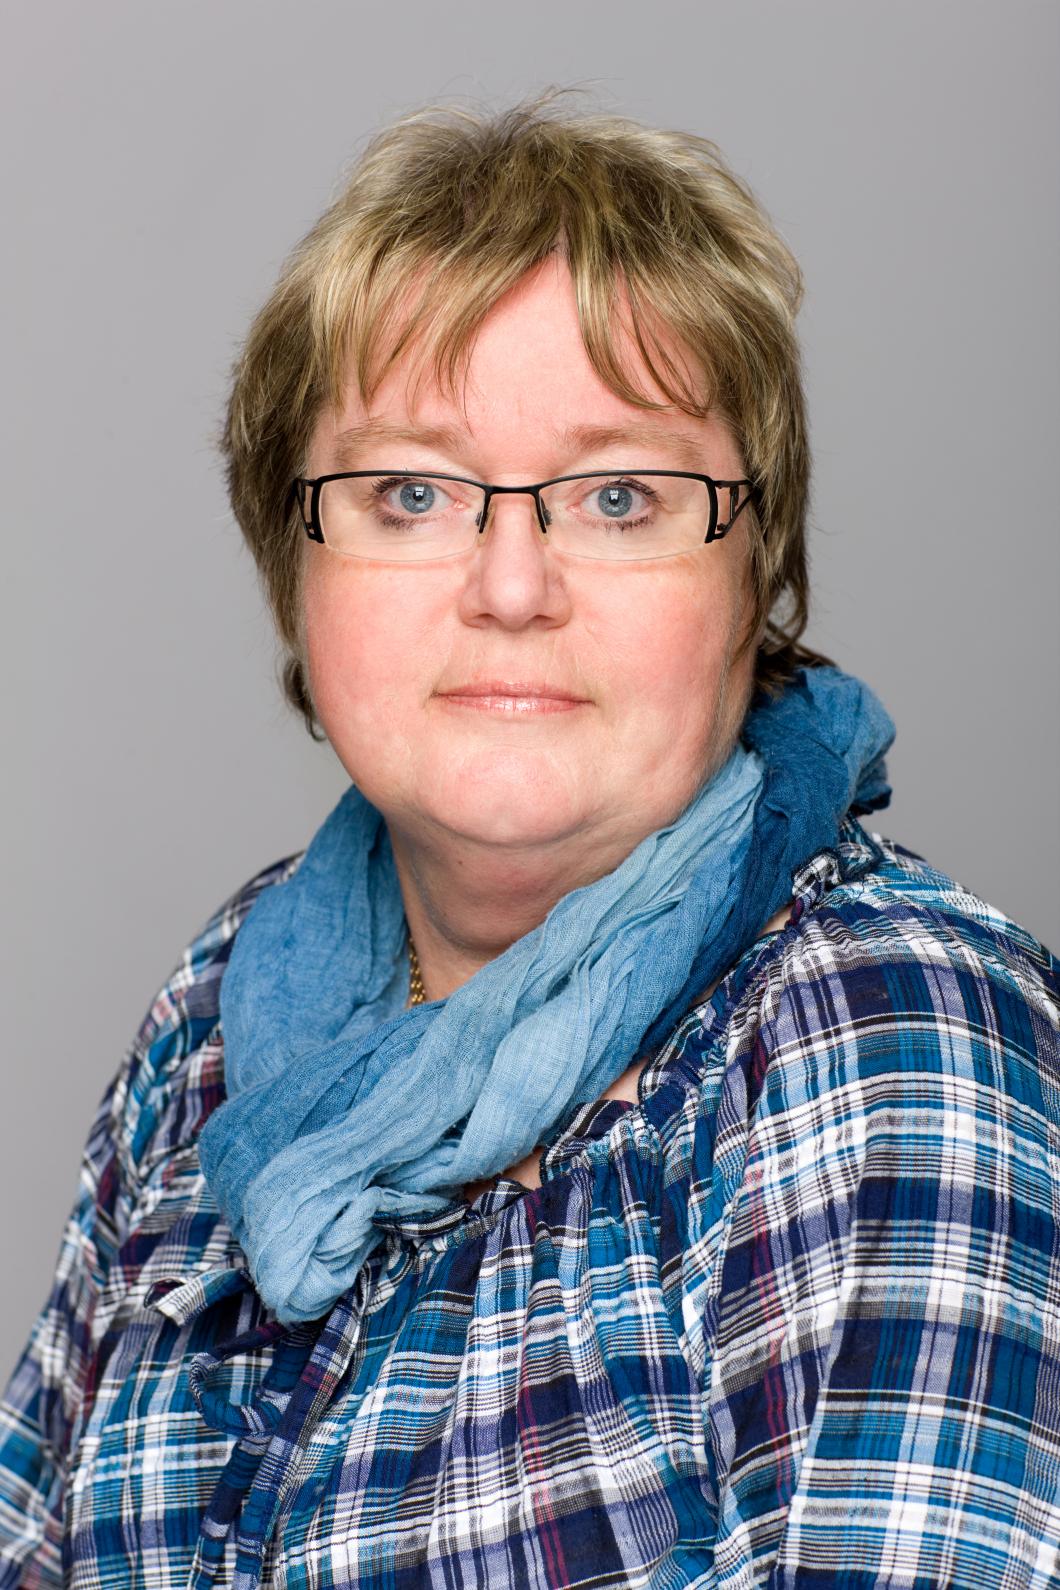 Varberg: Larmen på psykiatrikliniken har fungerat dåligt länge